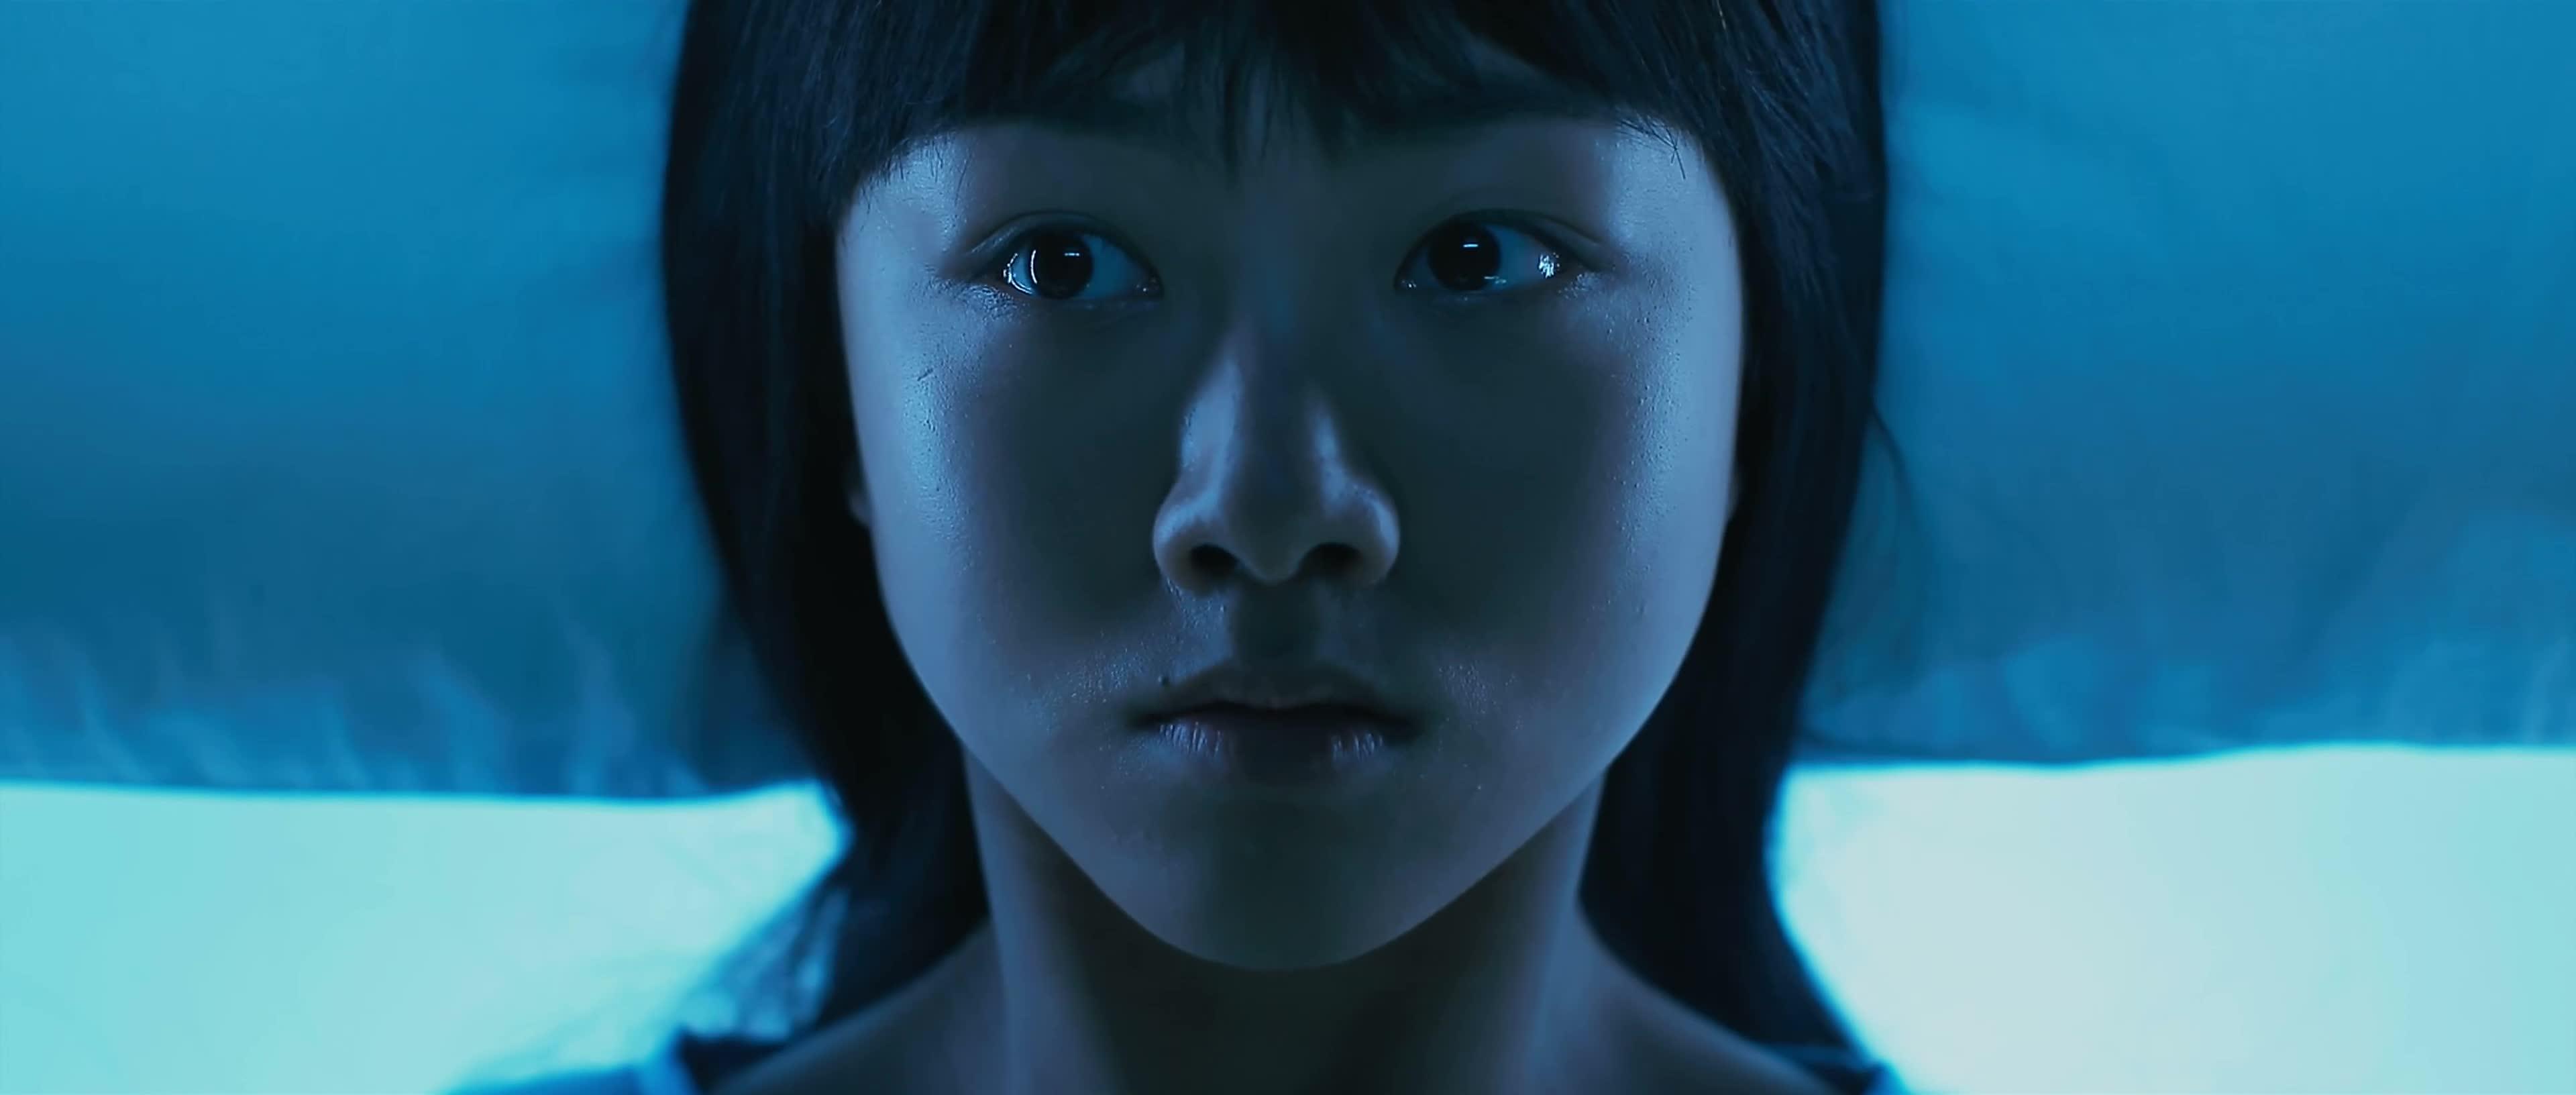 八岁的小女儿袁宁樱被绑架撕票,报案无果后,就这样僵持到如今